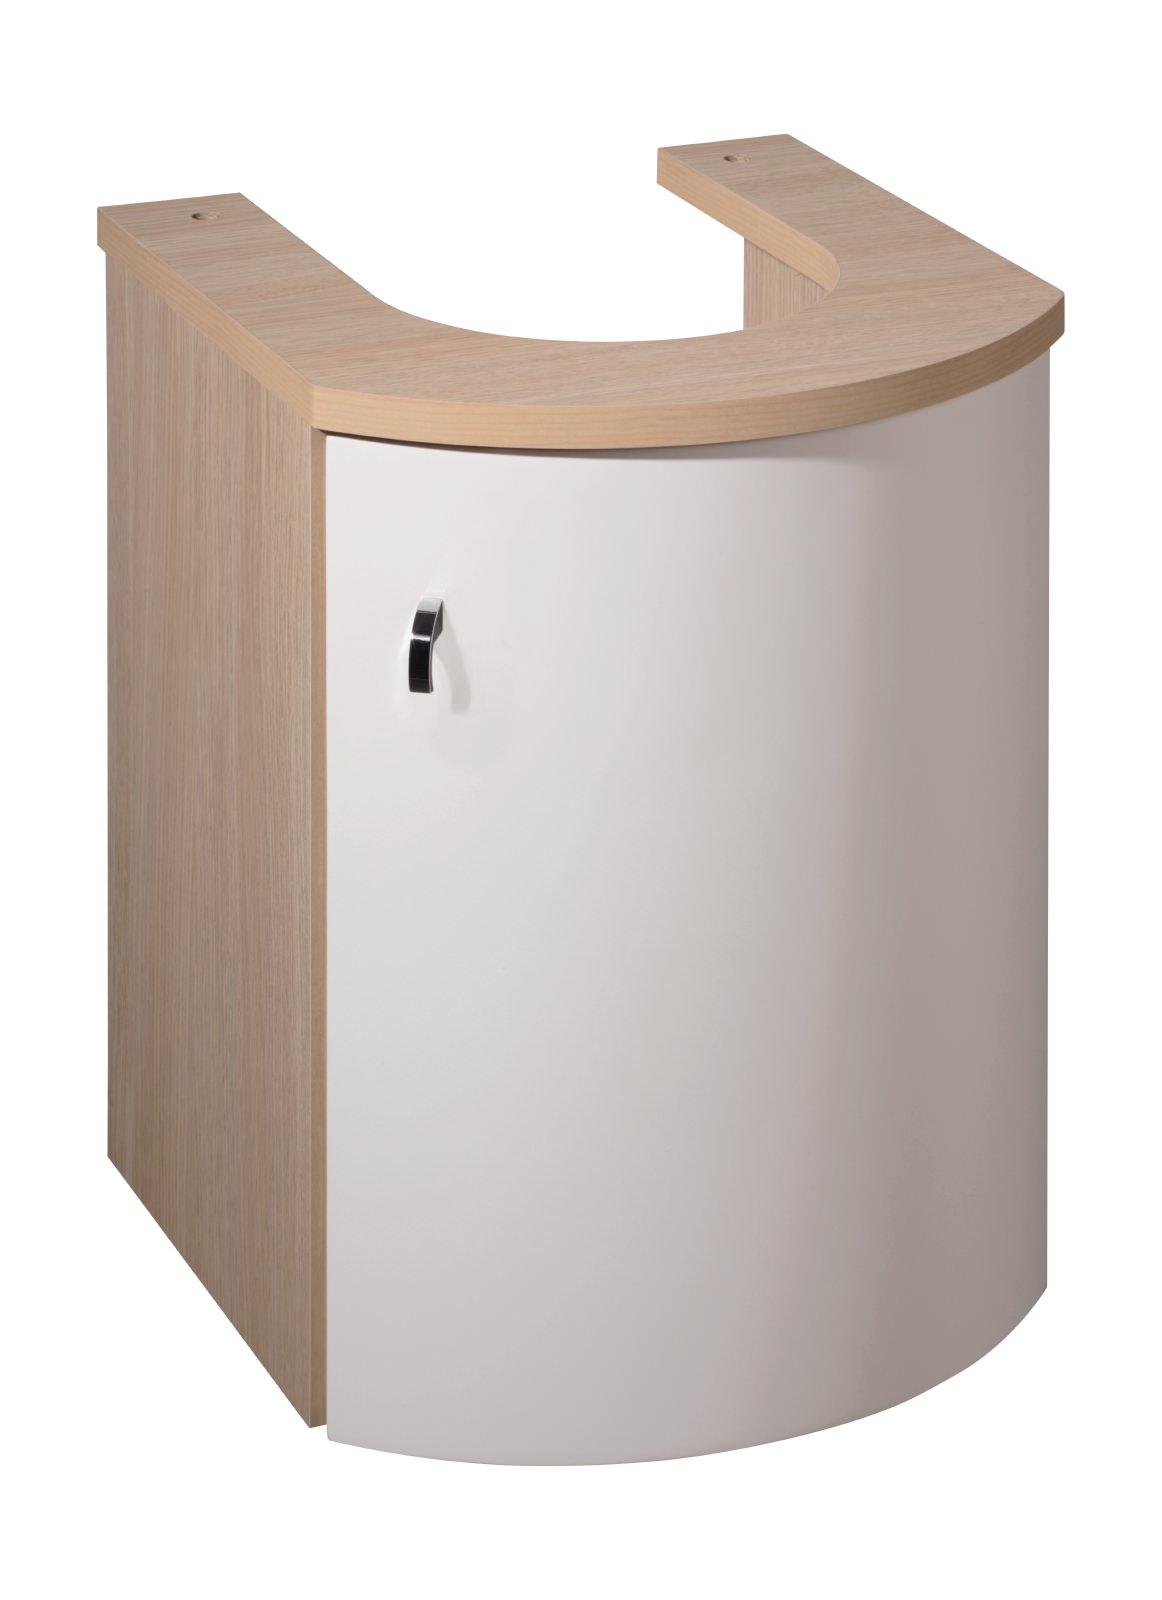 Waschbeckenunterschrank online kaufen | Calmwaters